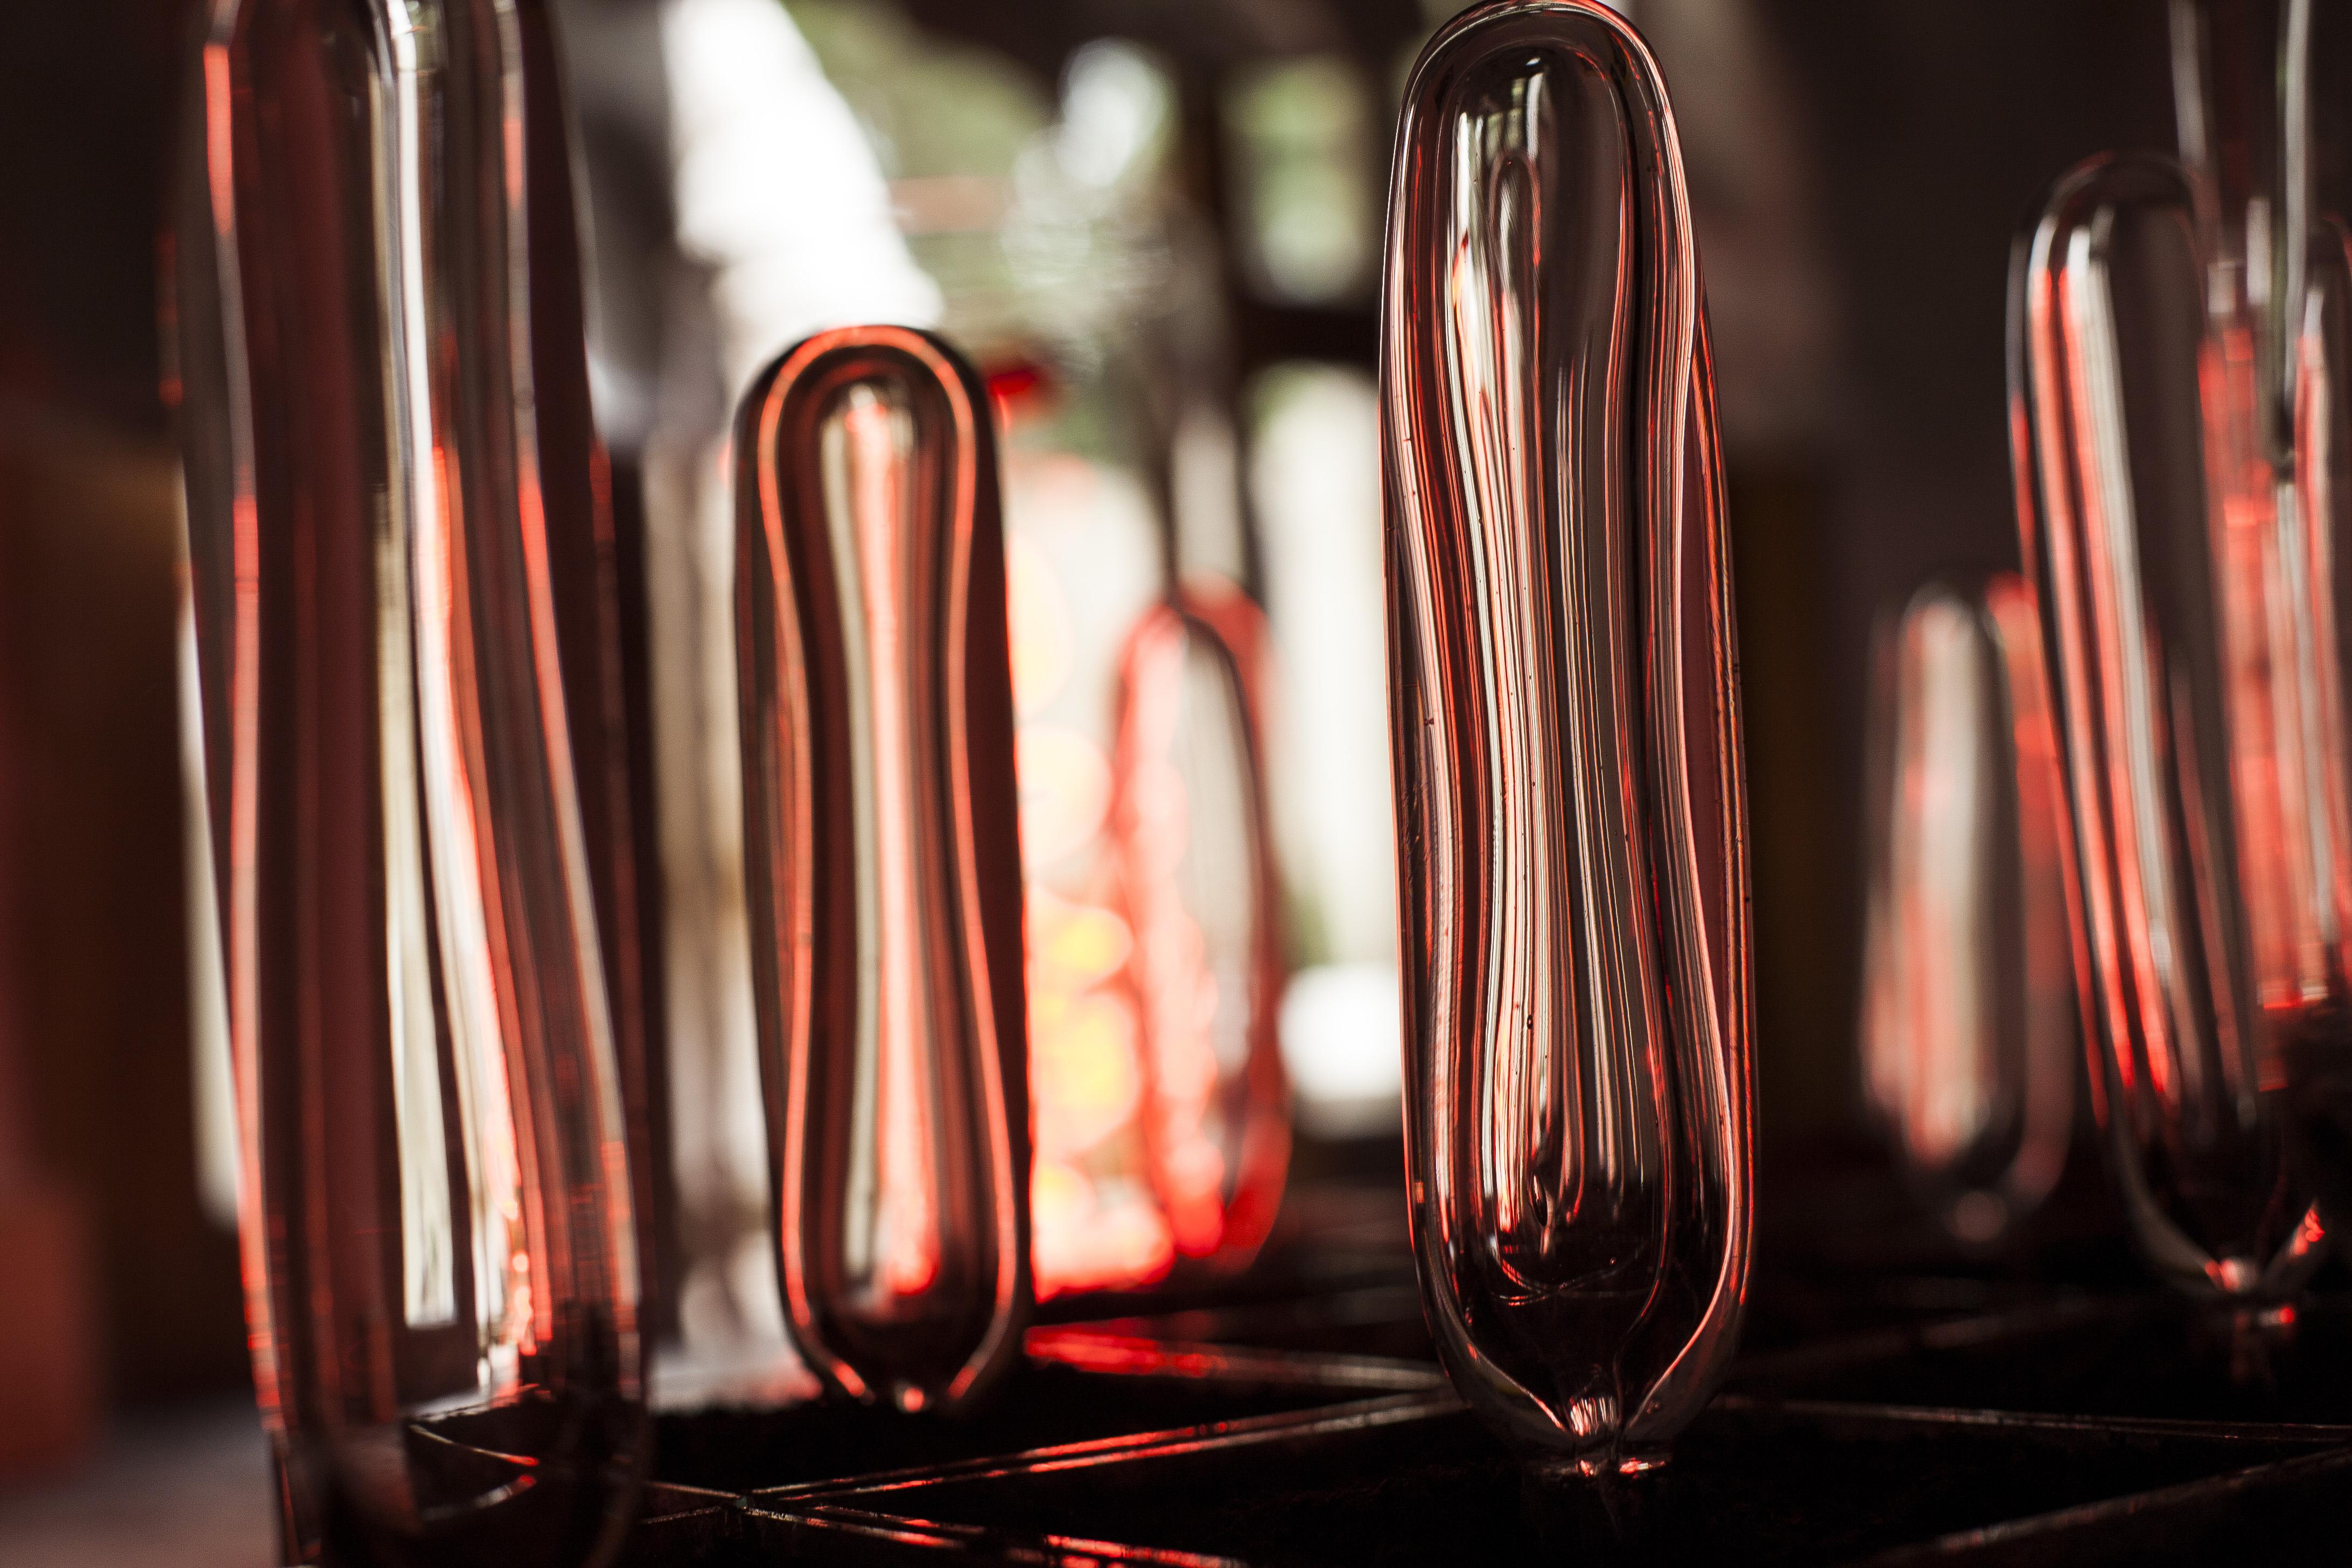 capsulas de sopro 1